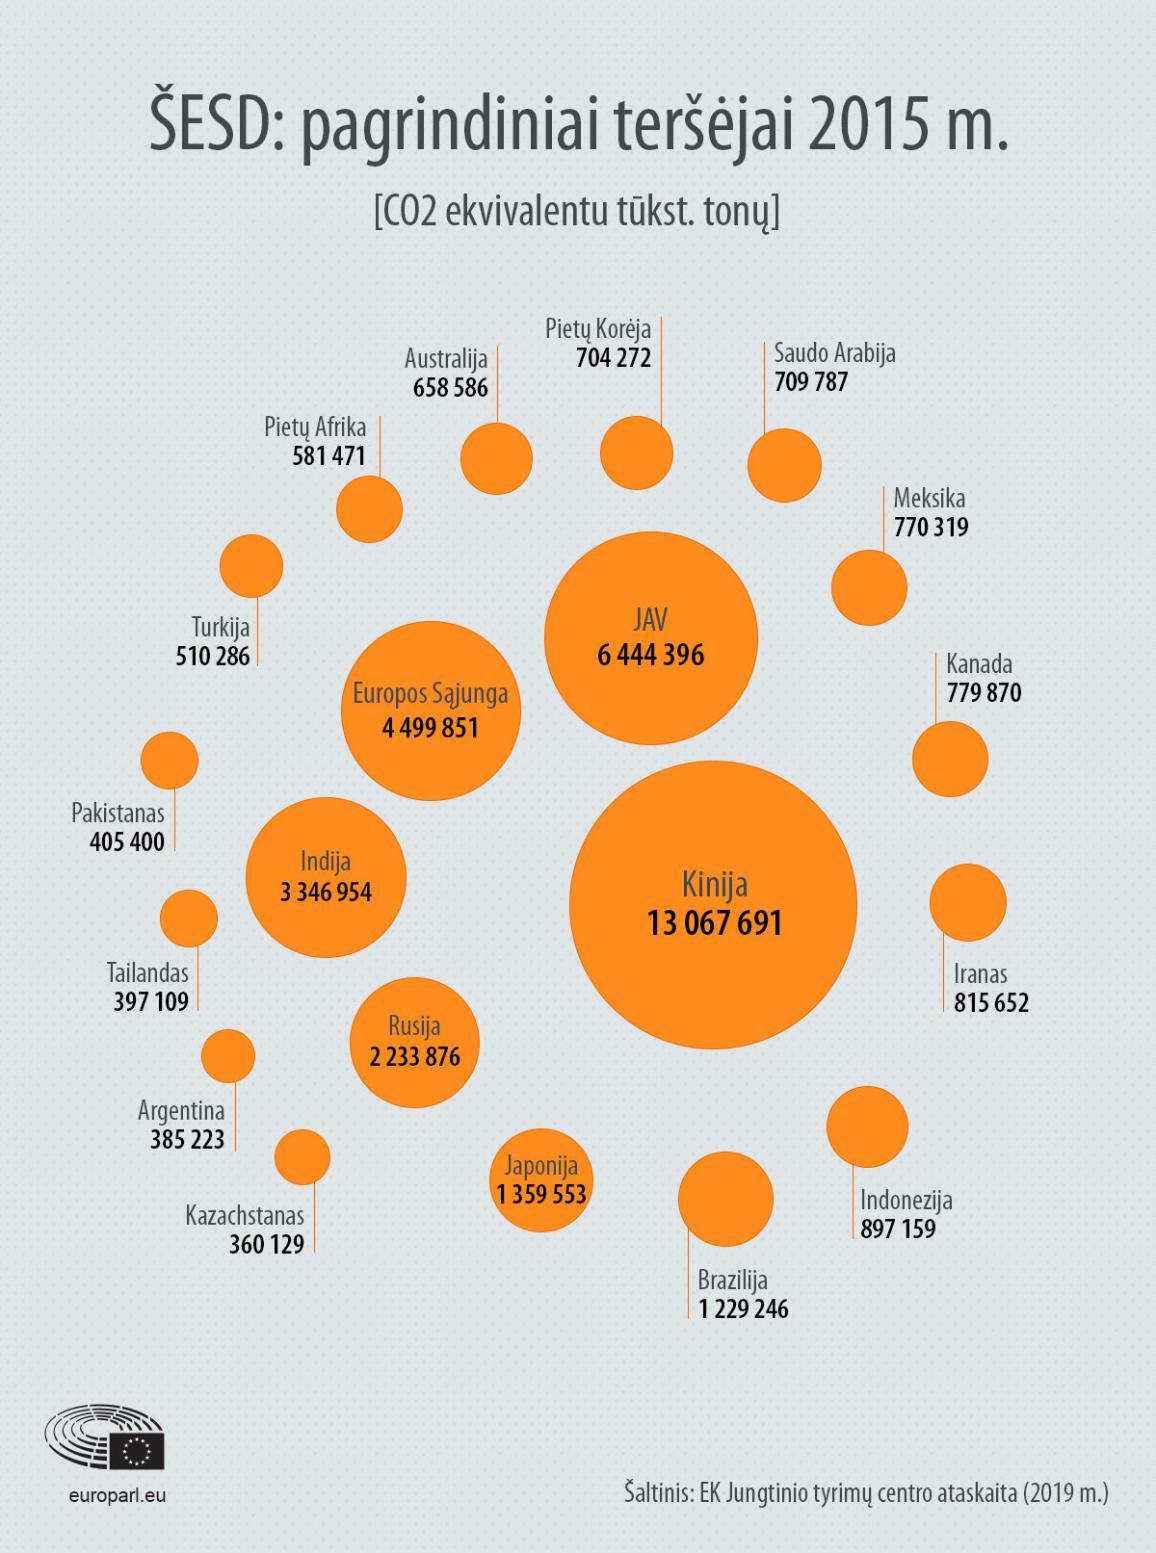 Šiltnamio efektą sukeliančios dujos: pagrindiniai teršėjai 2015 m.